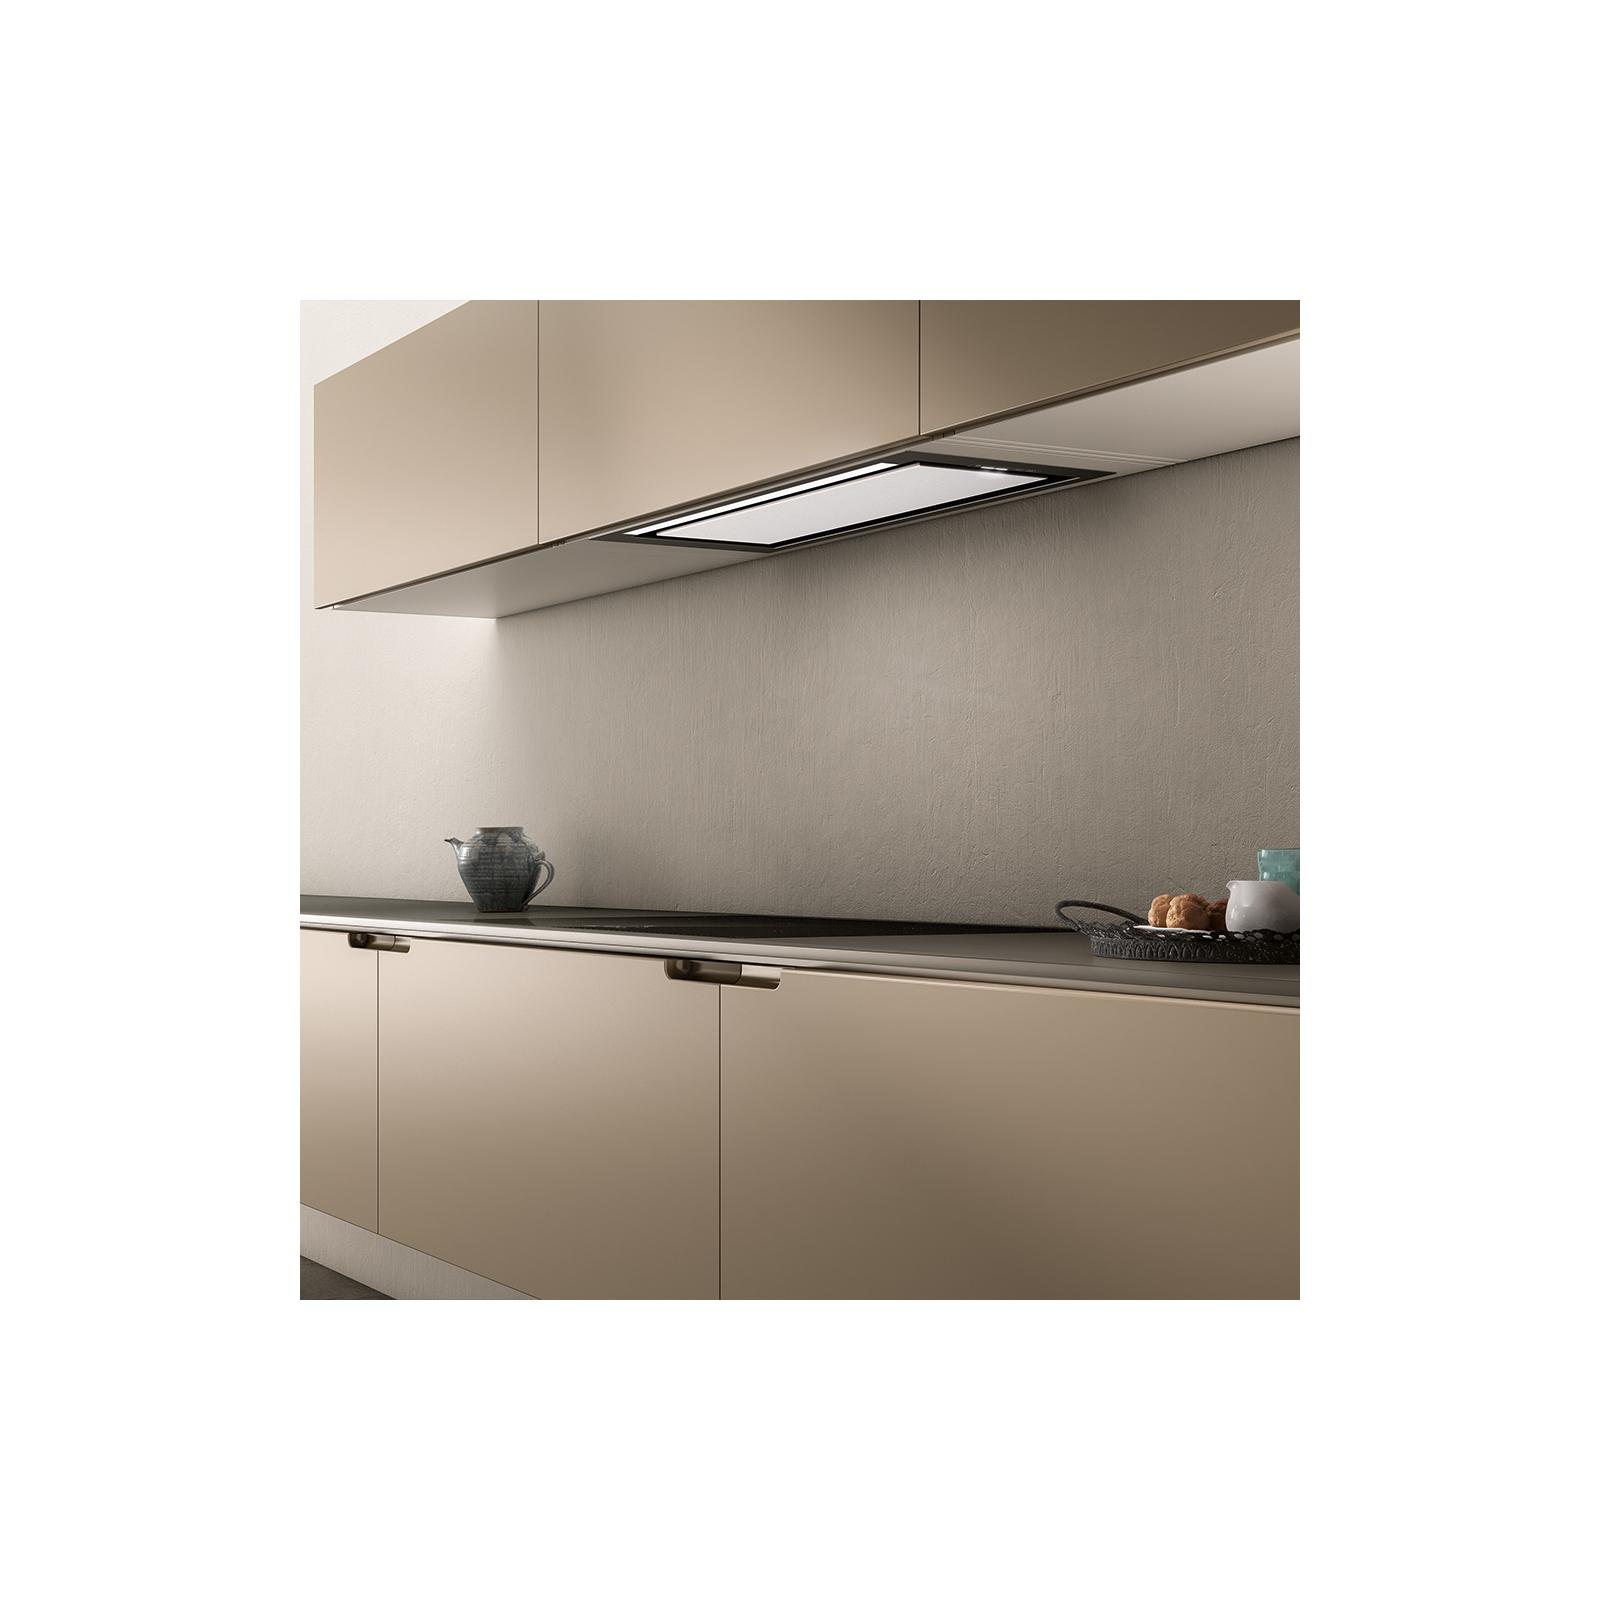 Вытяжка кухонная Elica HIDDEN IXGL/A/60 изображение 2